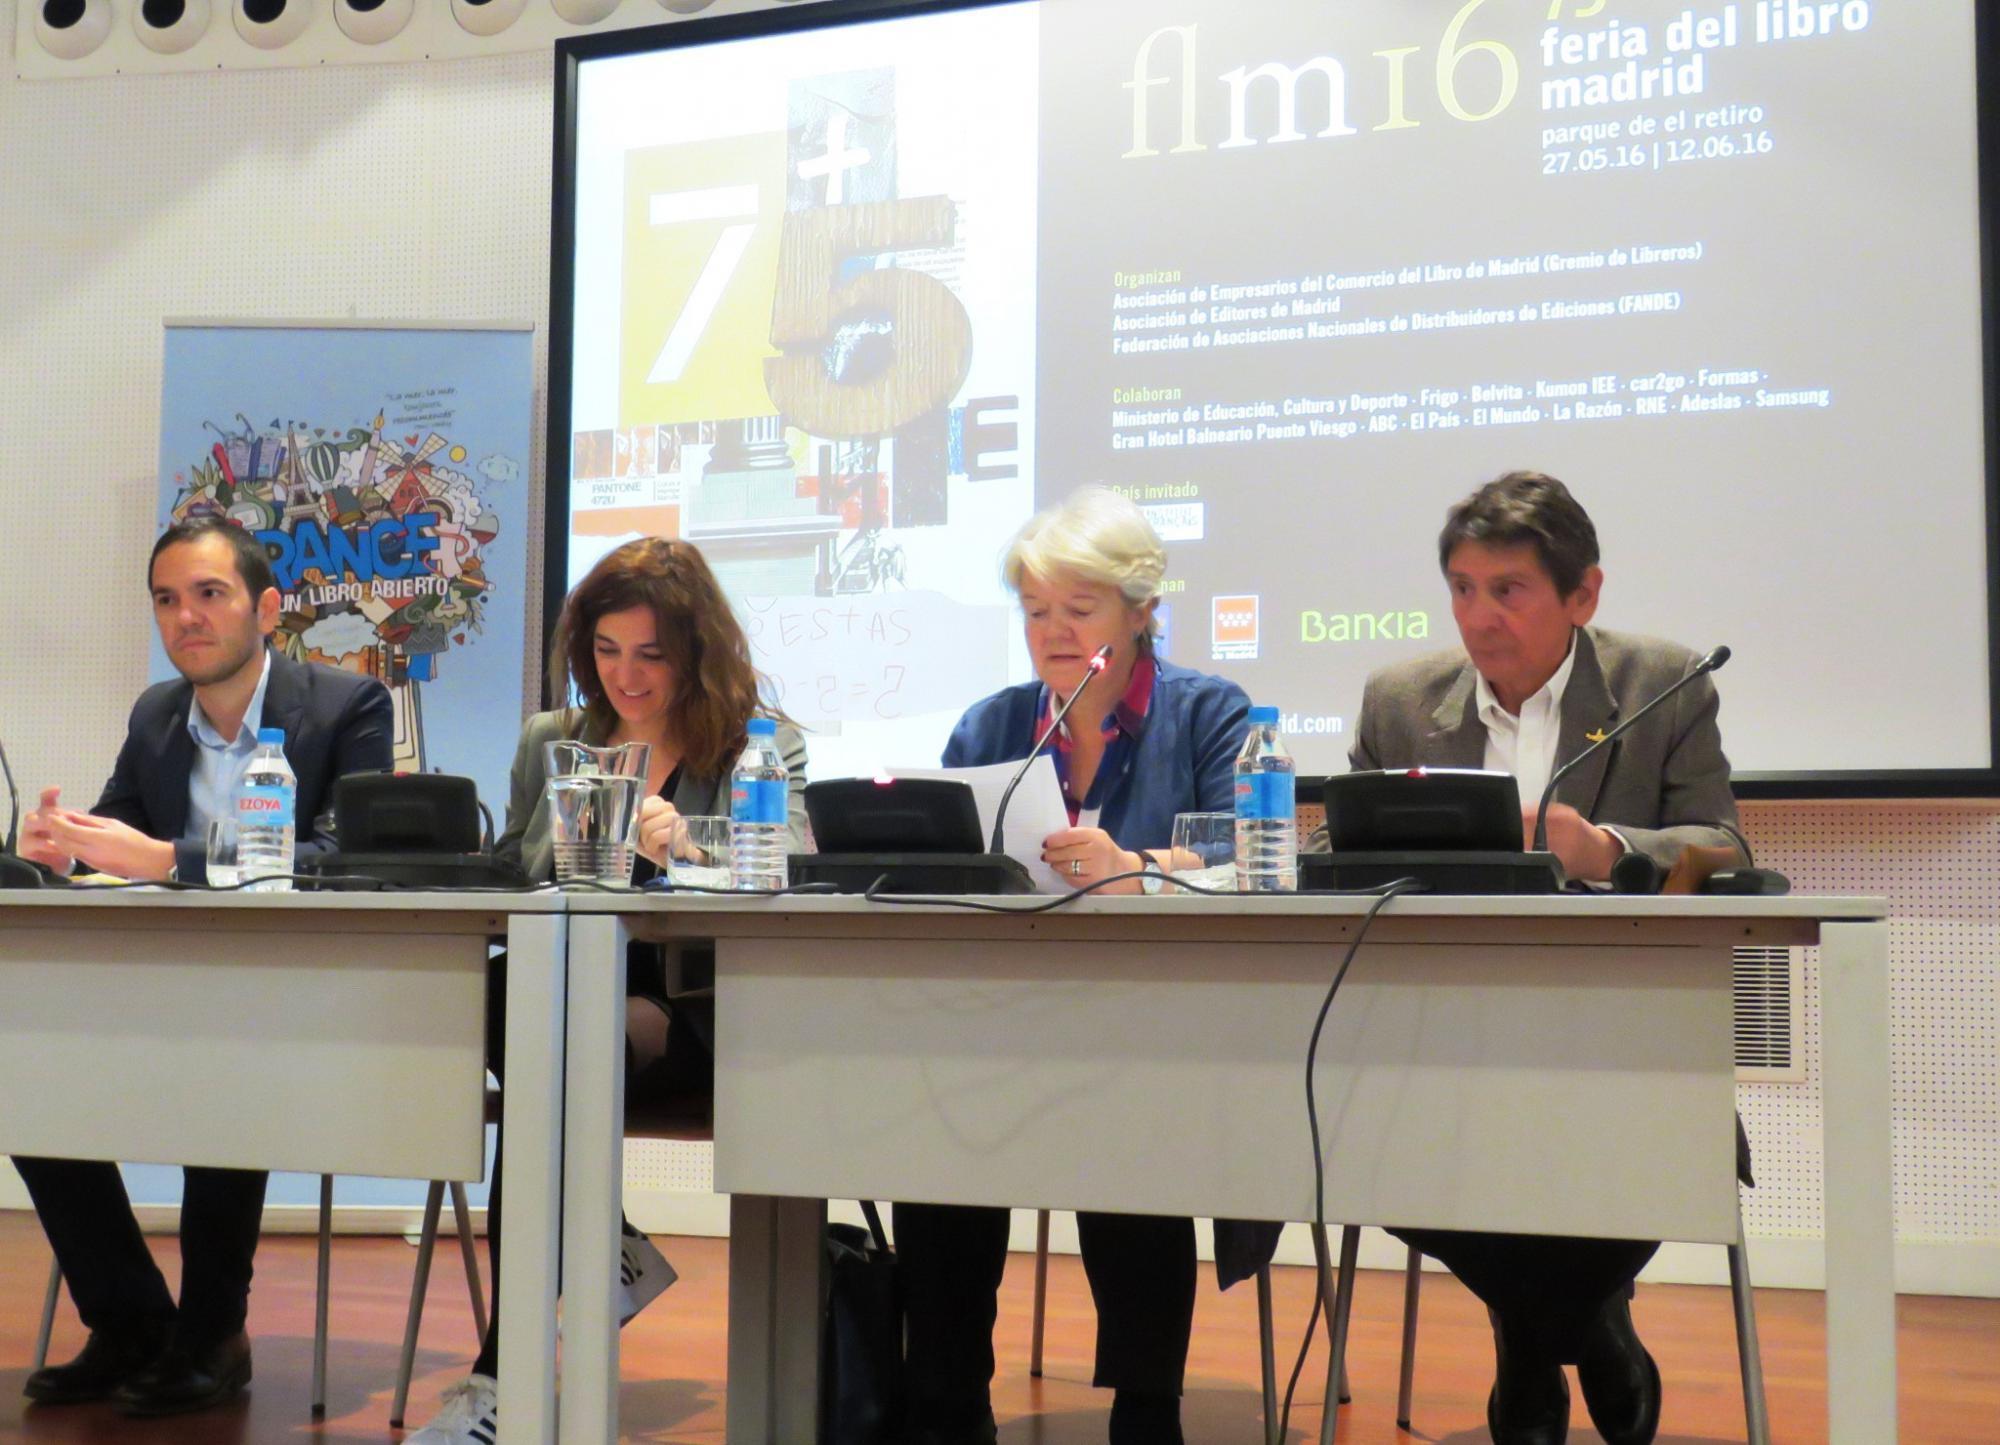 Presentación de la 75 edición de la Feria del Libro de Madrid, que se celebrará del 27 de mayo al 12 de junio